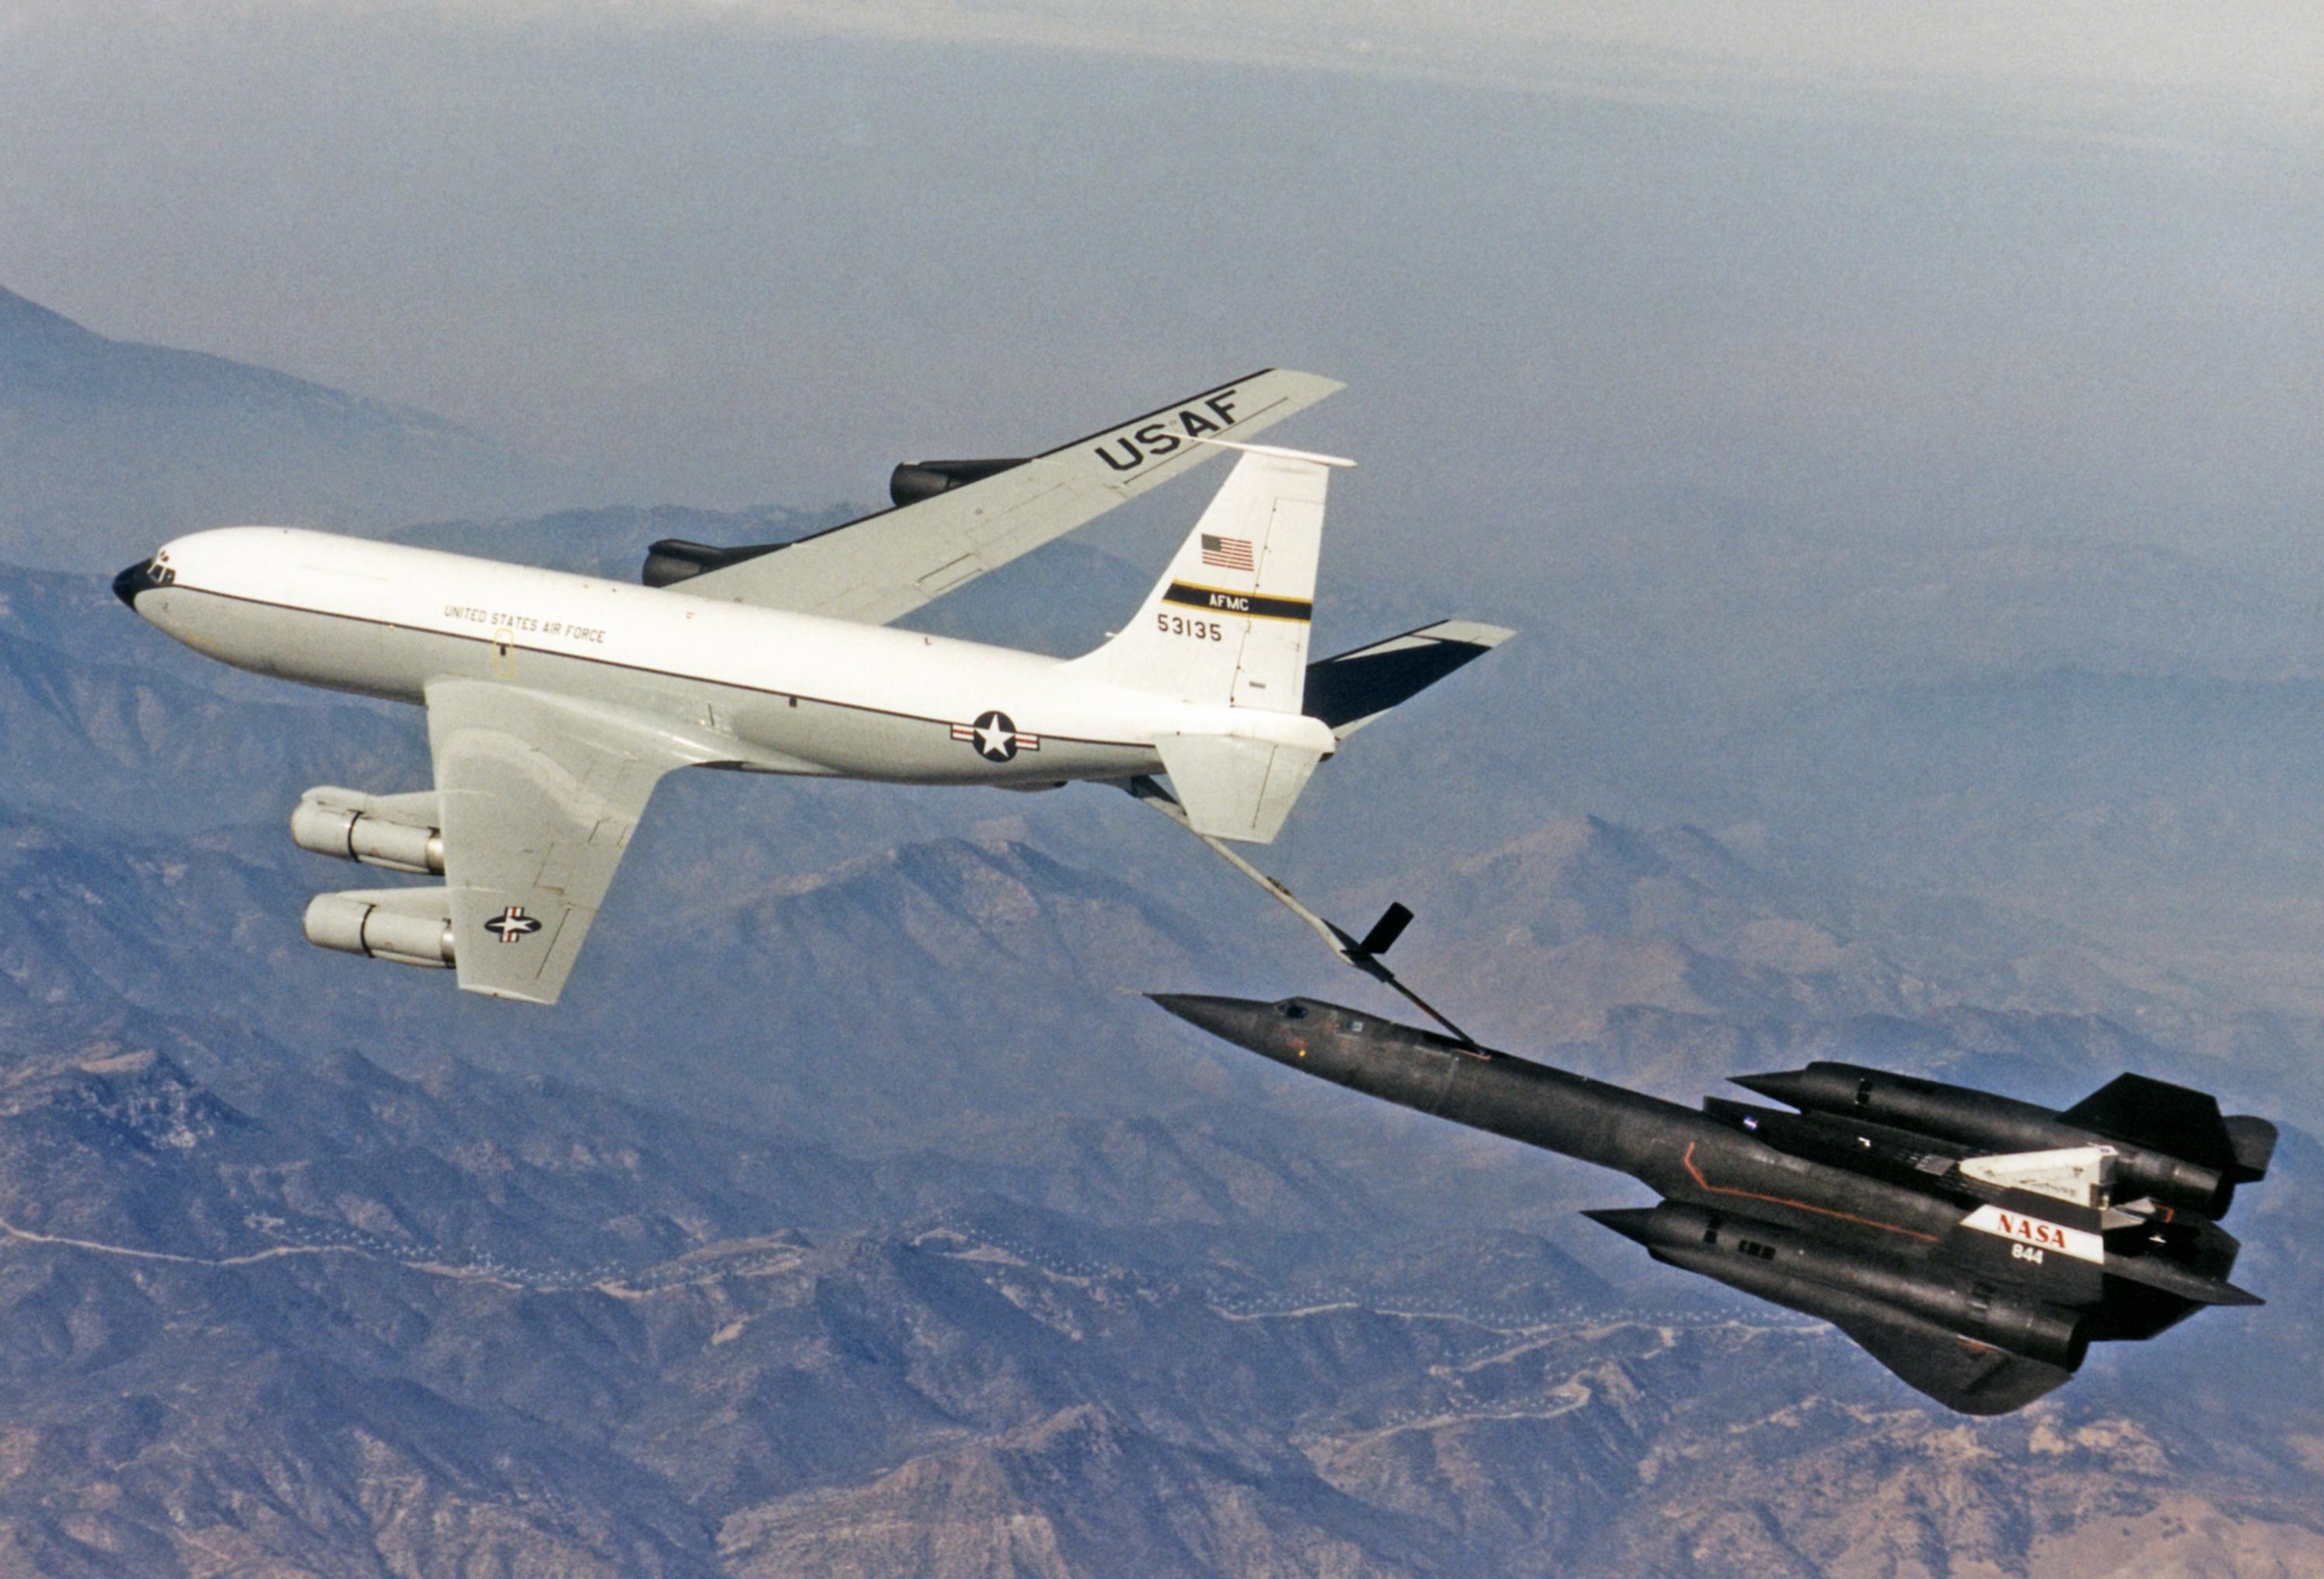 Eine SR-71 während der Luftbetankung durch eine Boeing KC-135 Stratotanker